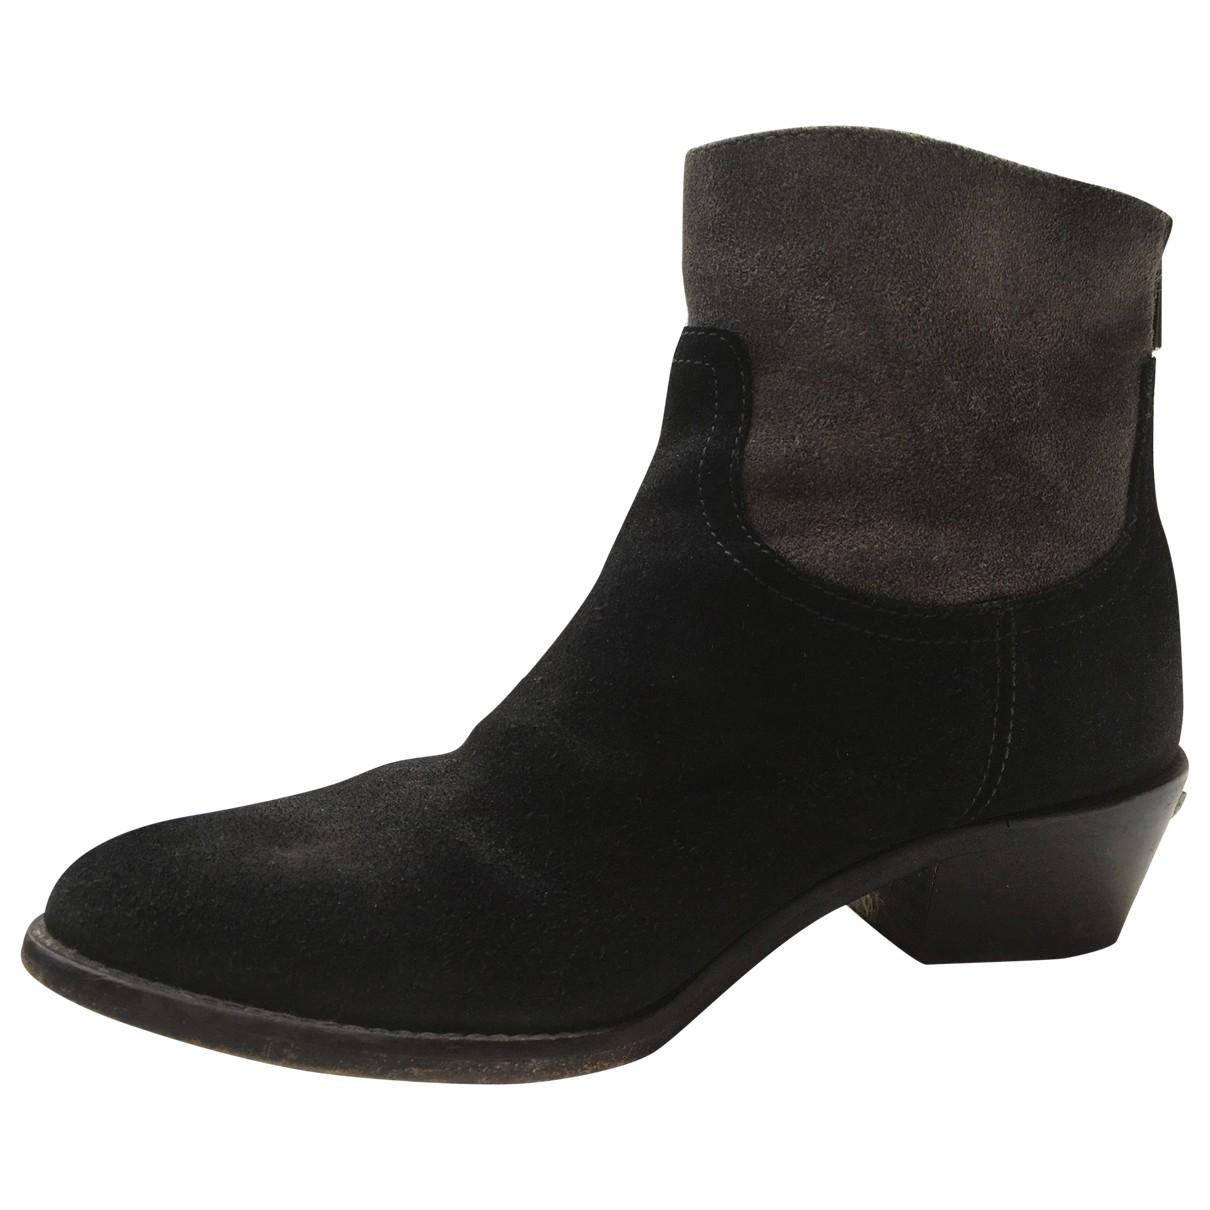 Zadig & Voltaire - Boots Teddy pour femme en suede - noir